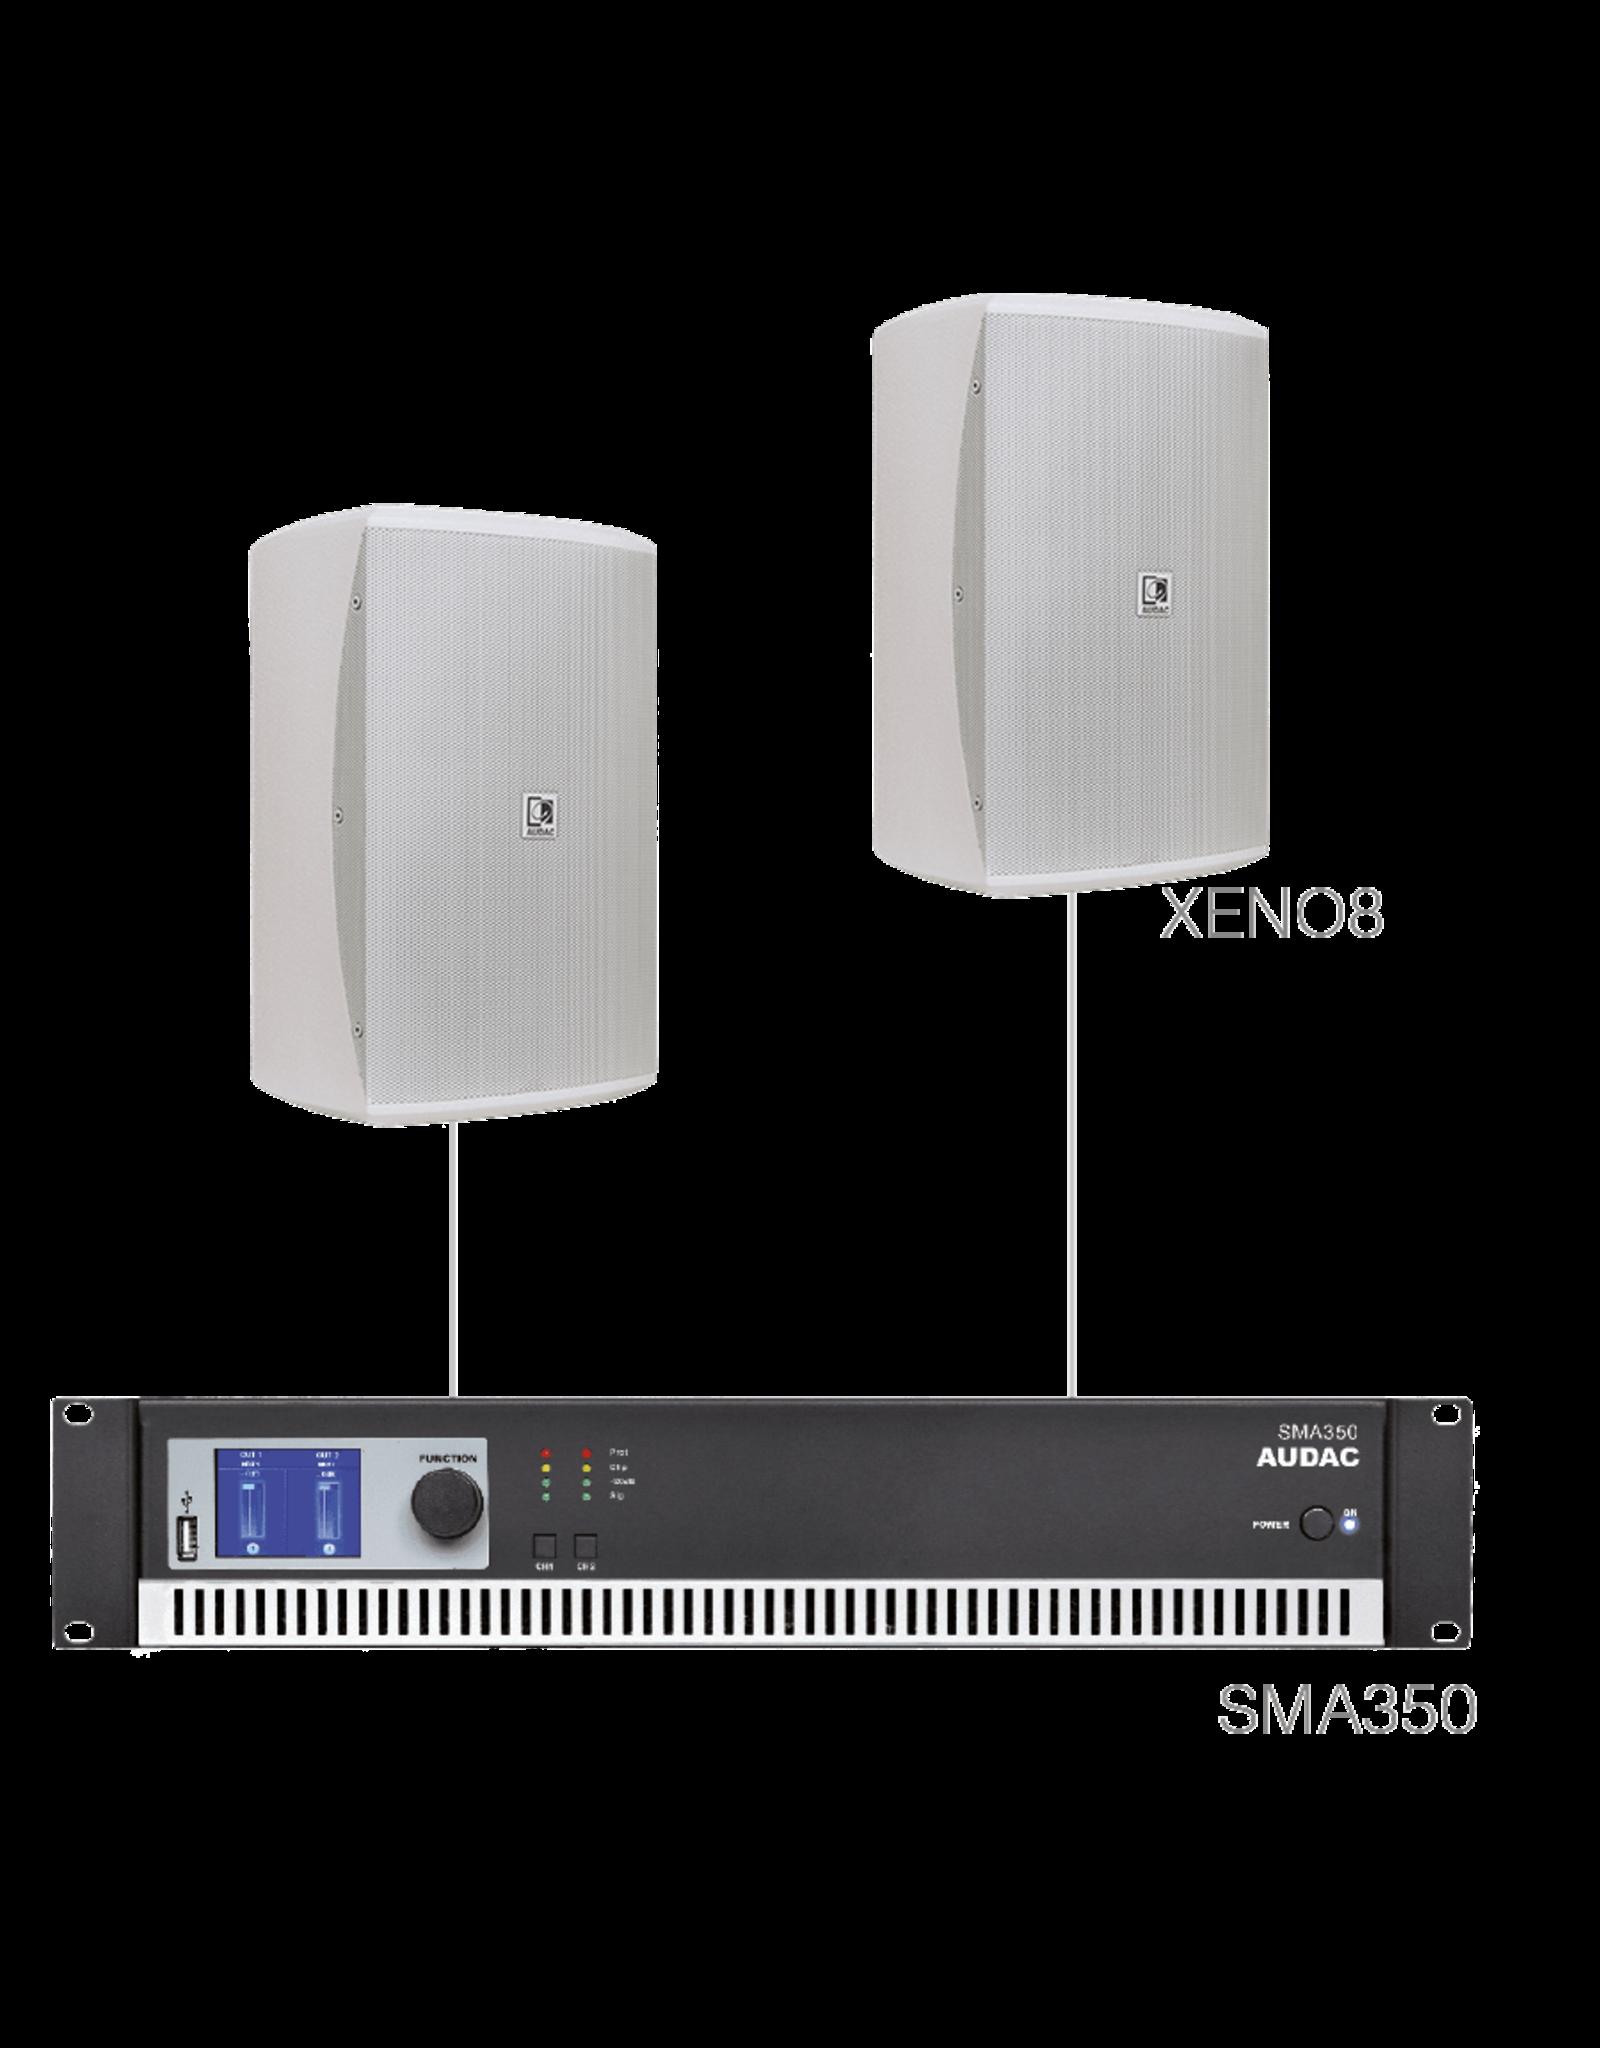 Audac 2 x XENO8 + SMA350 White version